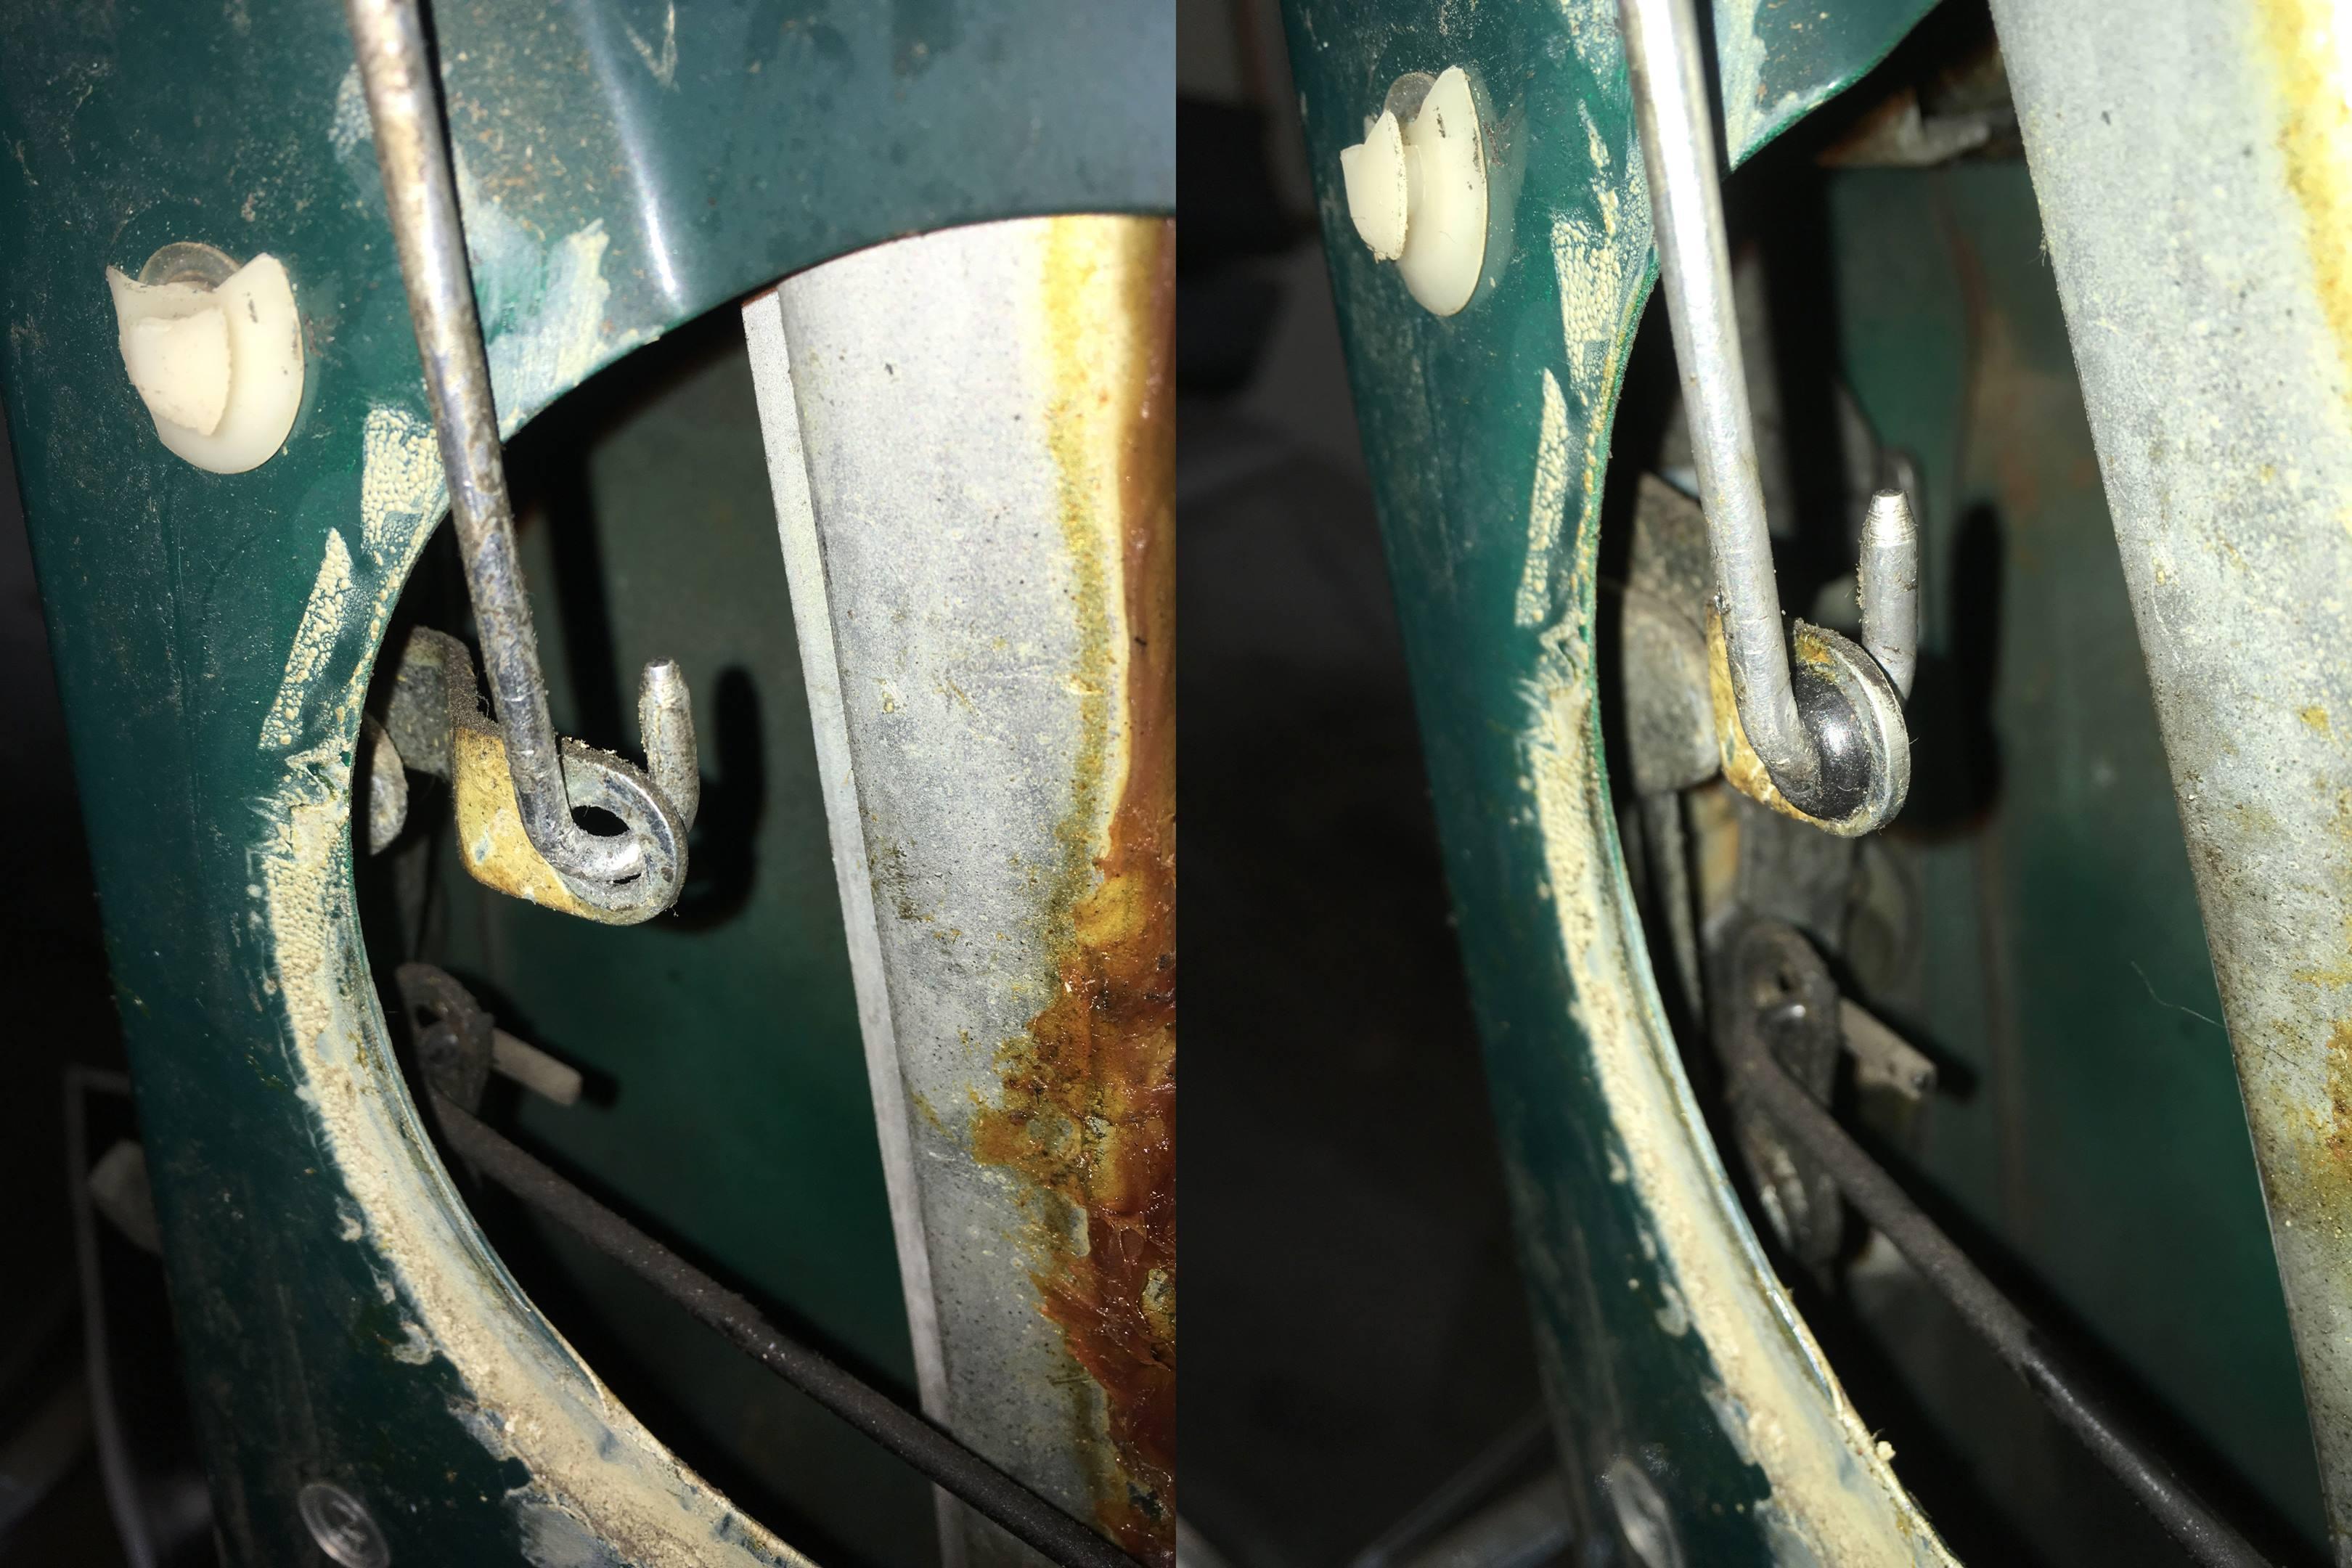 door lock linkage grommet before and after